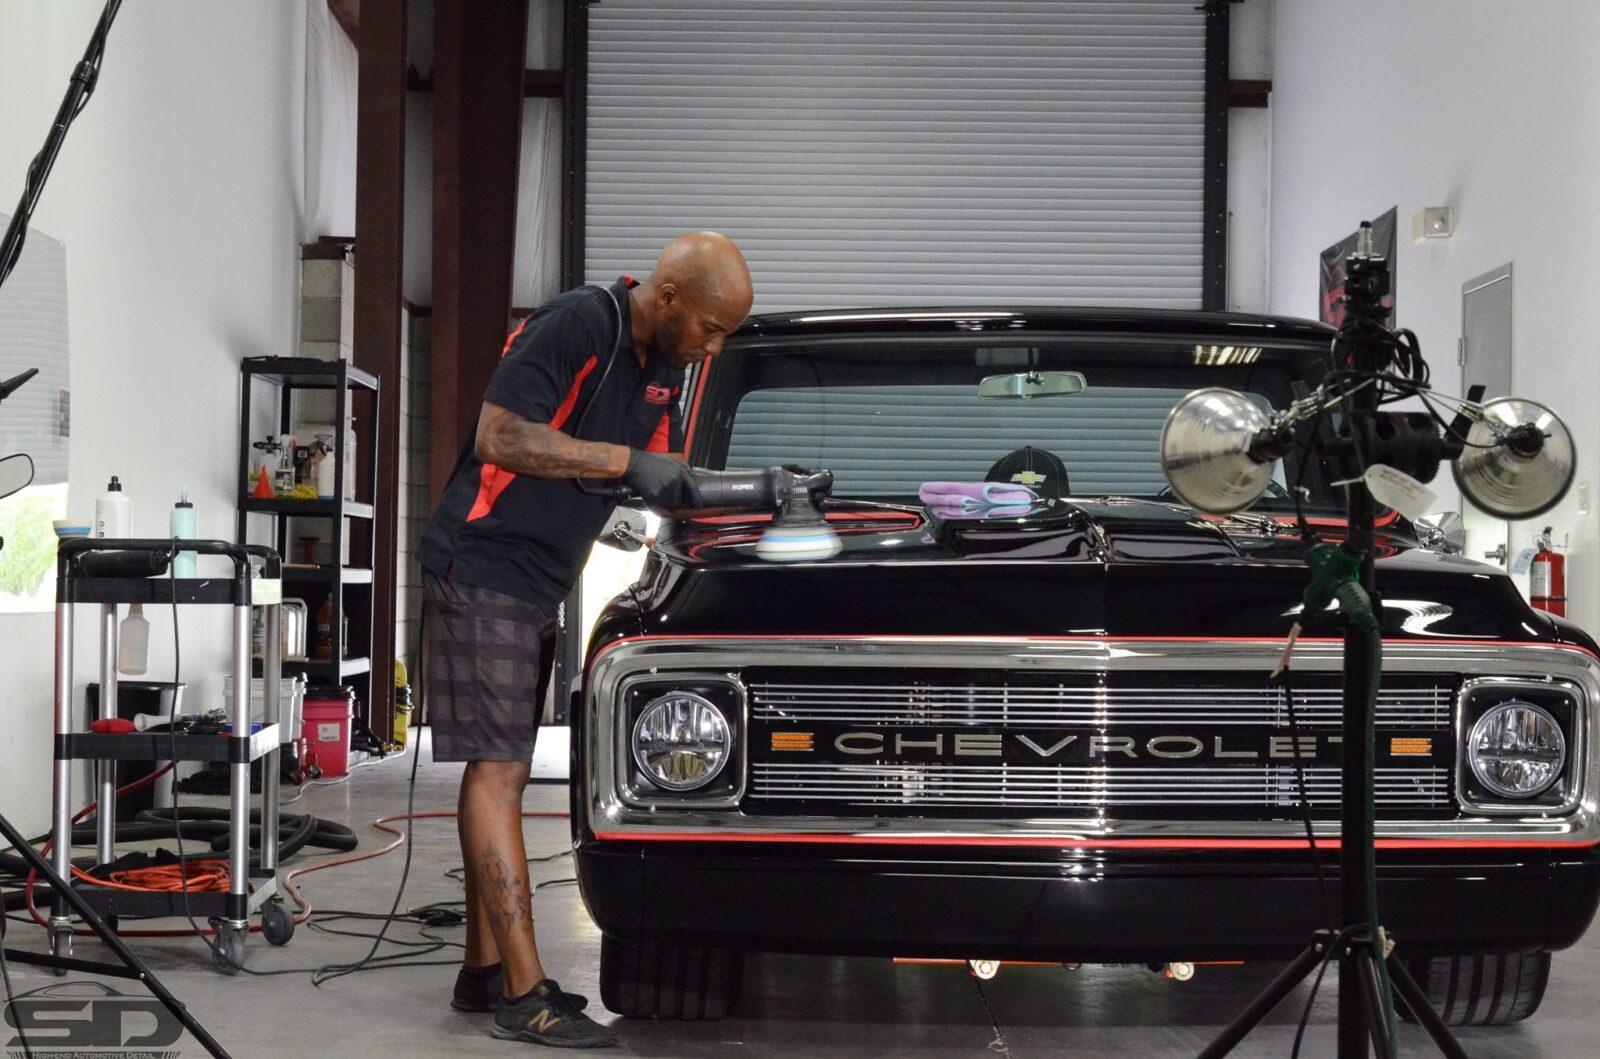 Chevy C10 (32 of 64)